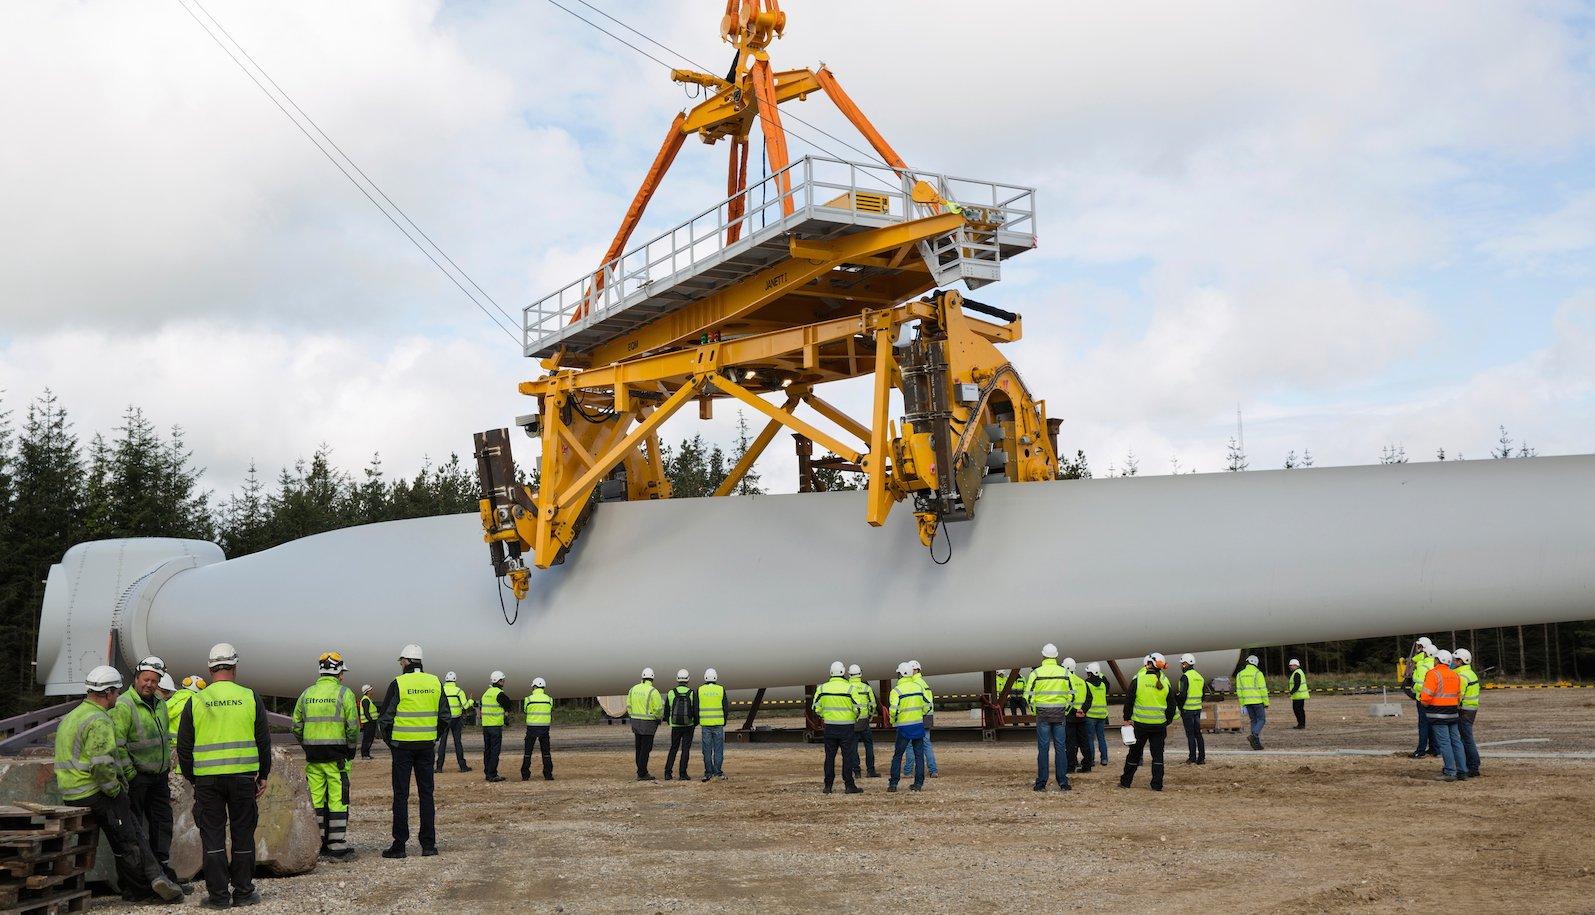 Das Spezialwerkzeug von Siemens arbeitet vollautomatisch. 75 Meter lange Flügel von Windanlagen werden damit gepackt und fixiert.